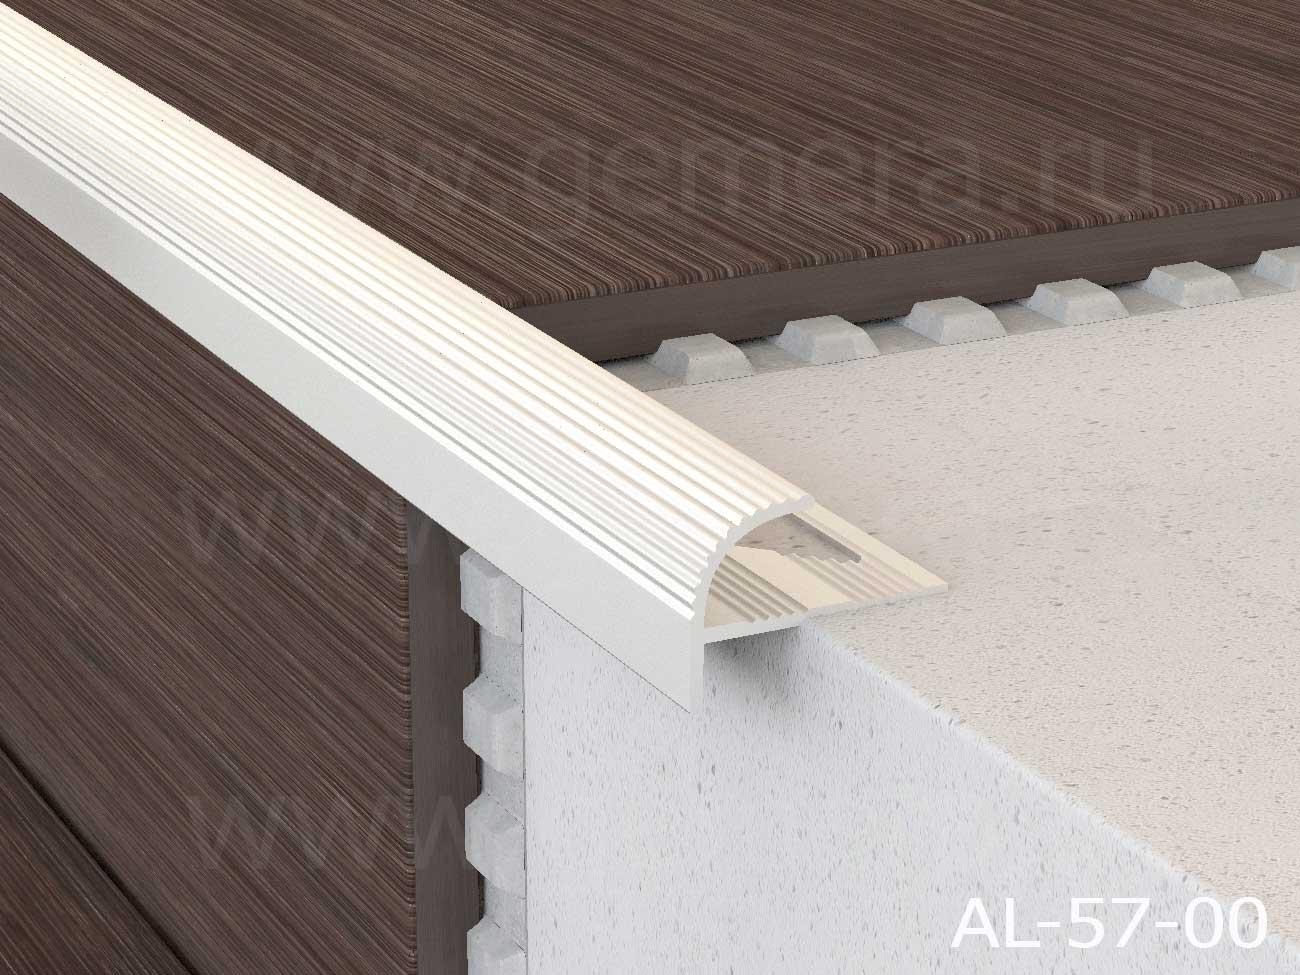 Профиль алюминиевый полукруглый Butun AL-57-00